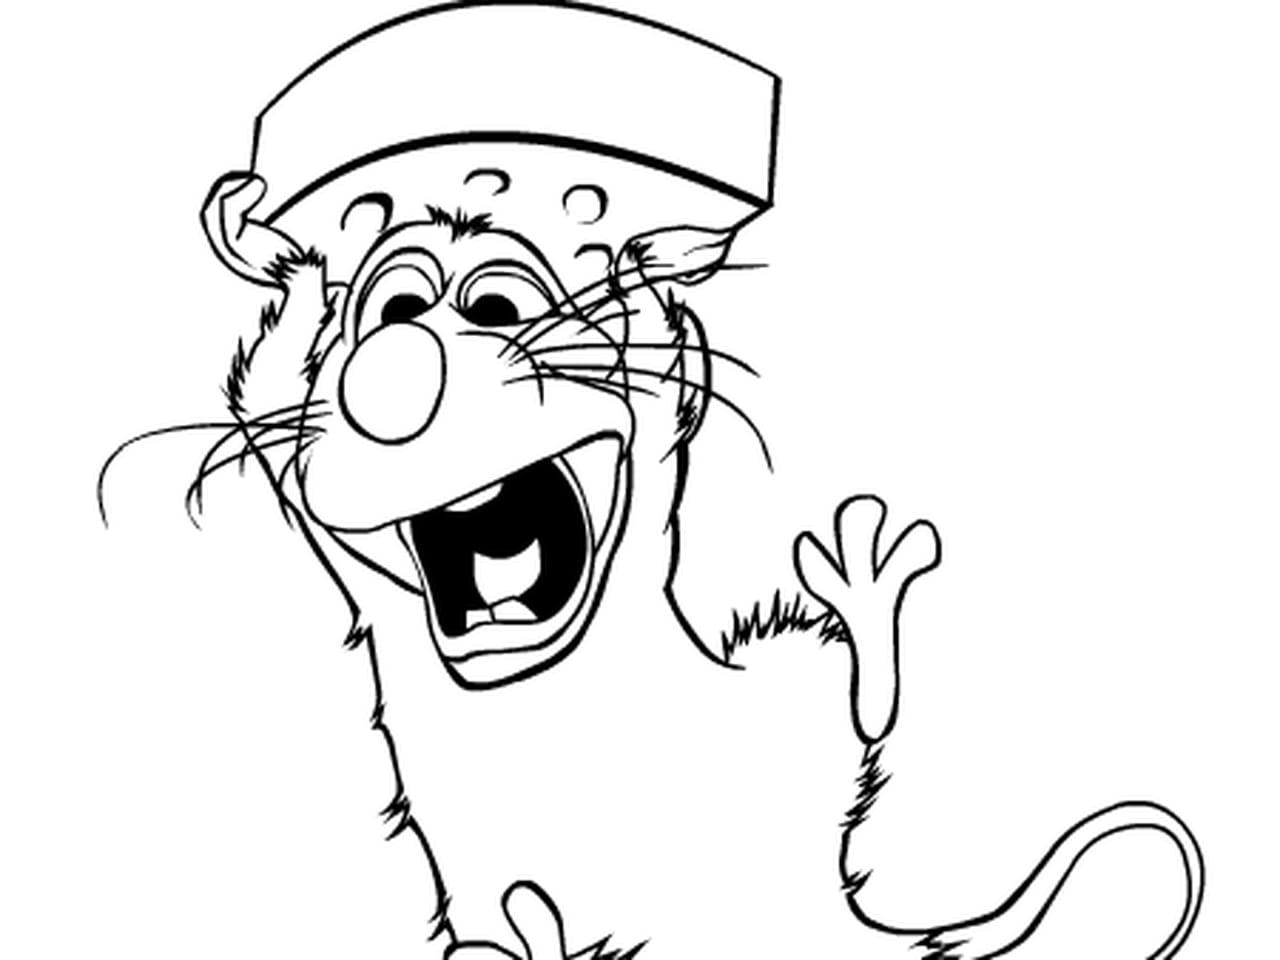 Coloriage Facile Ratatouille.Coloriage Ratatouille En Ligne Gratuit A Imprimer